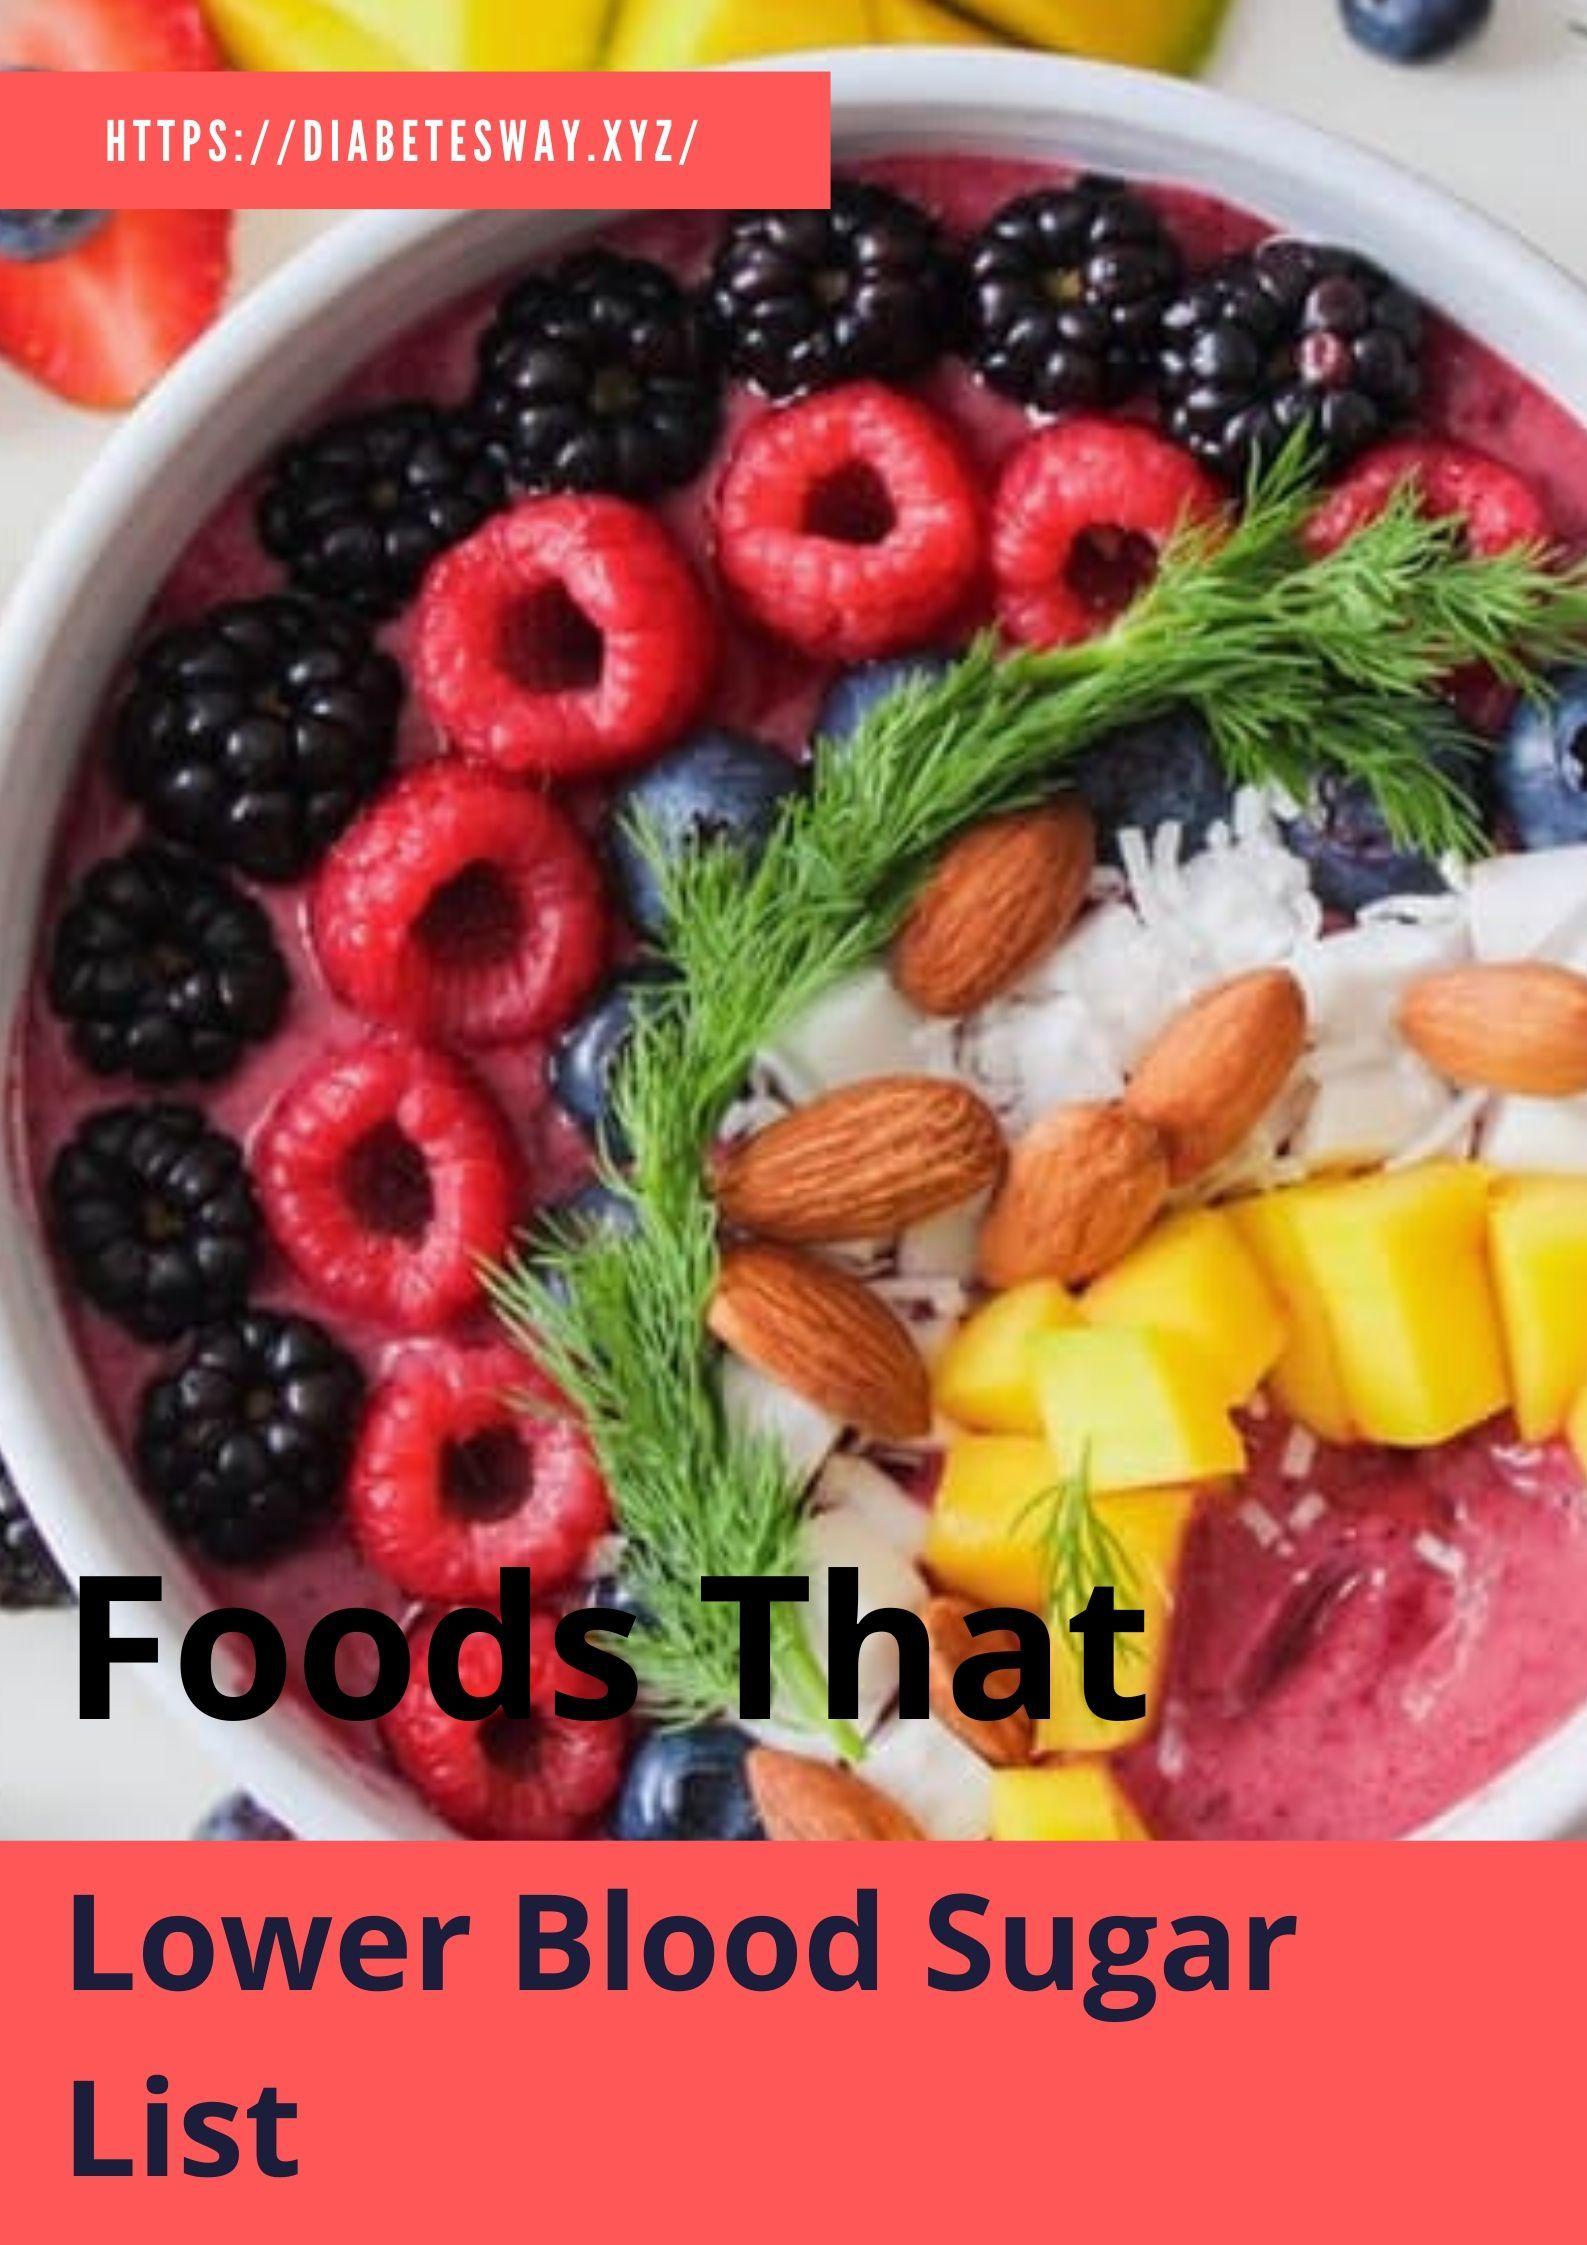 Foods that lower blood sugar list diabetestype2